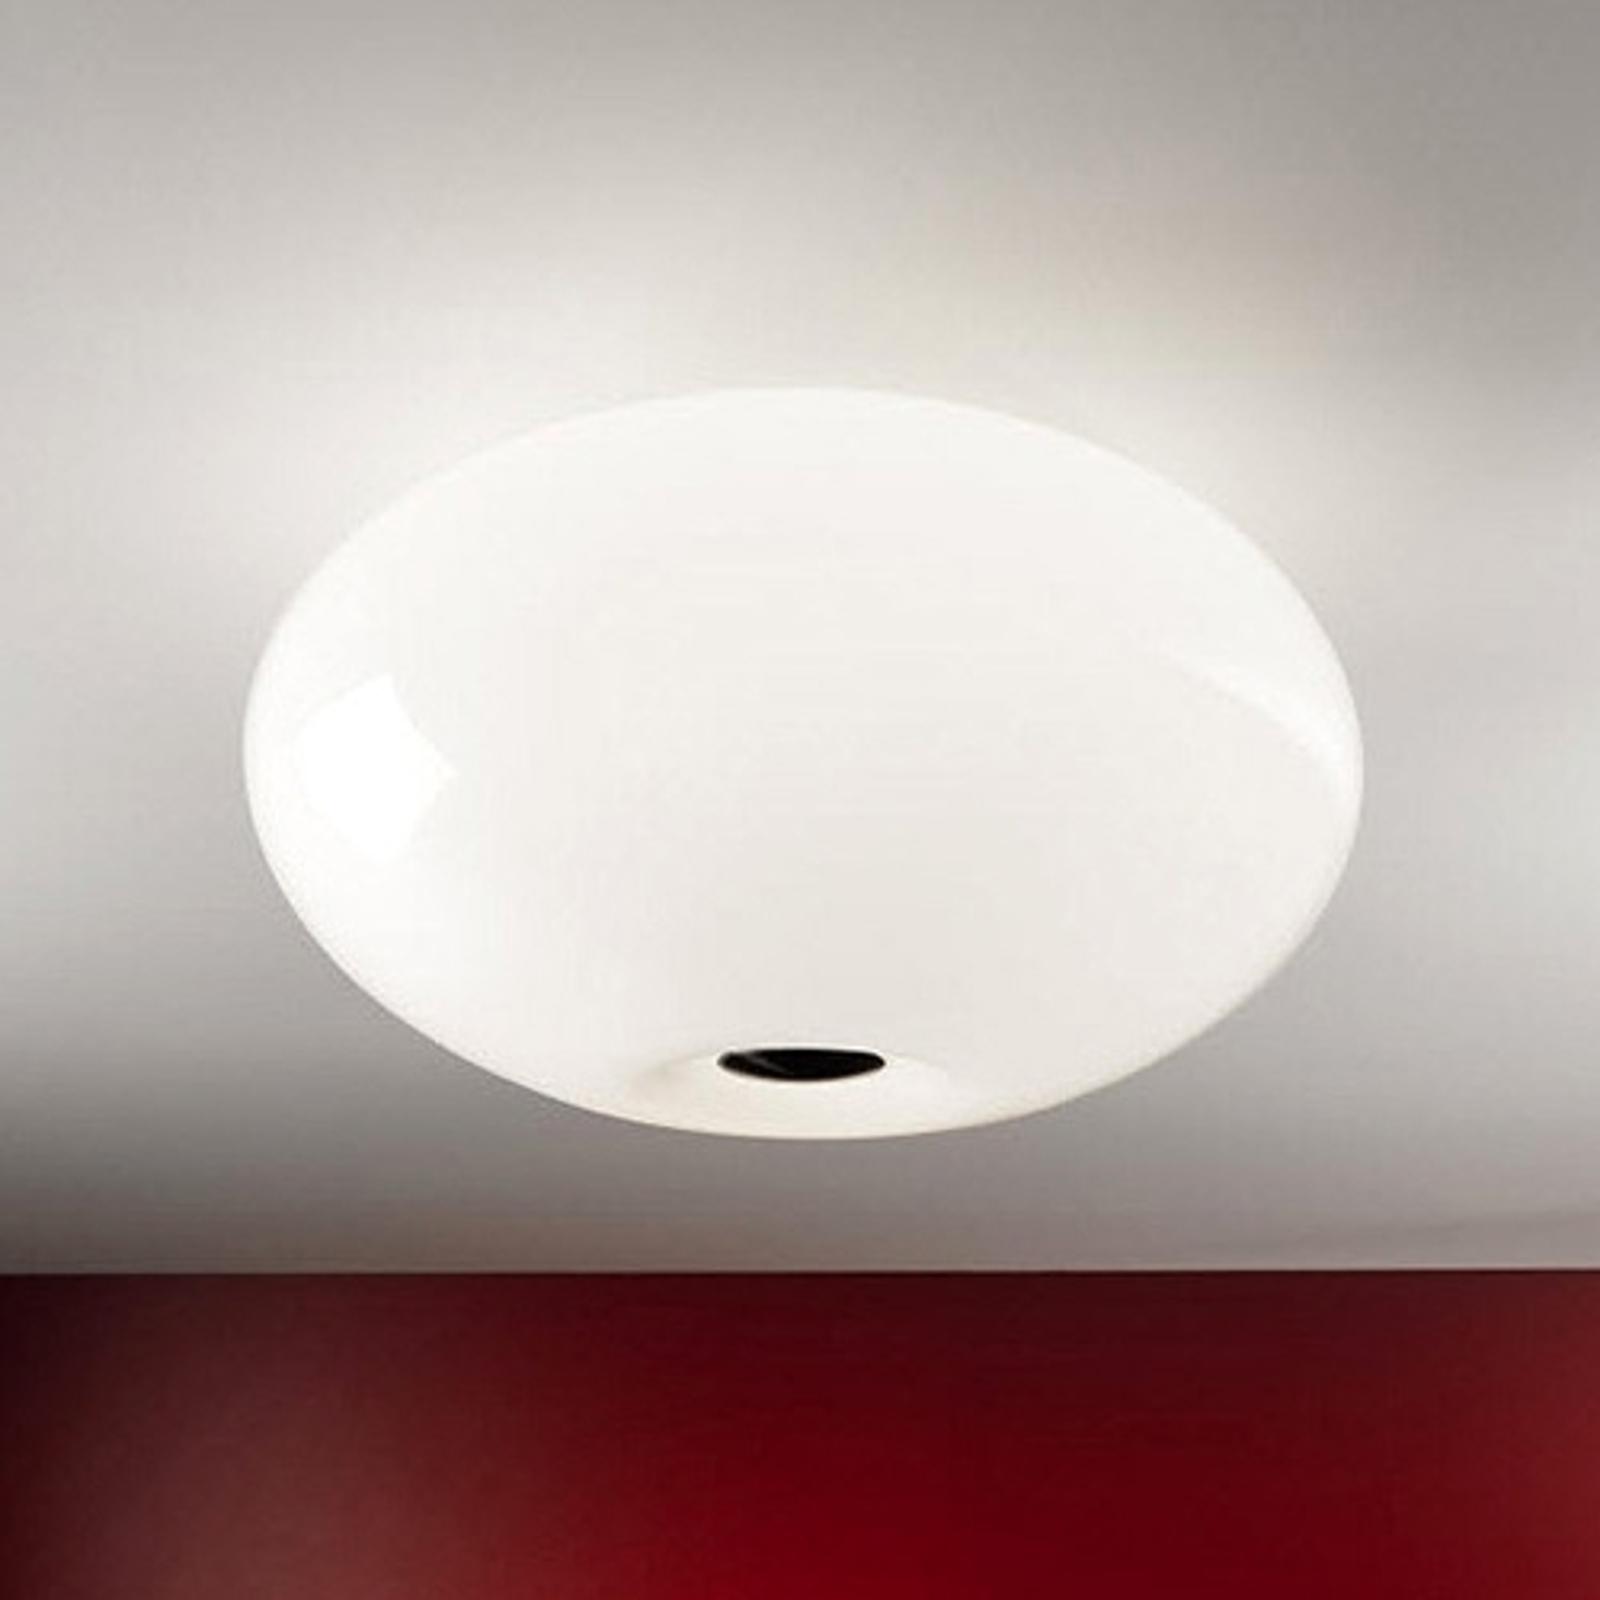 Präktig taklampa AIH 28 cm, glänsande vit